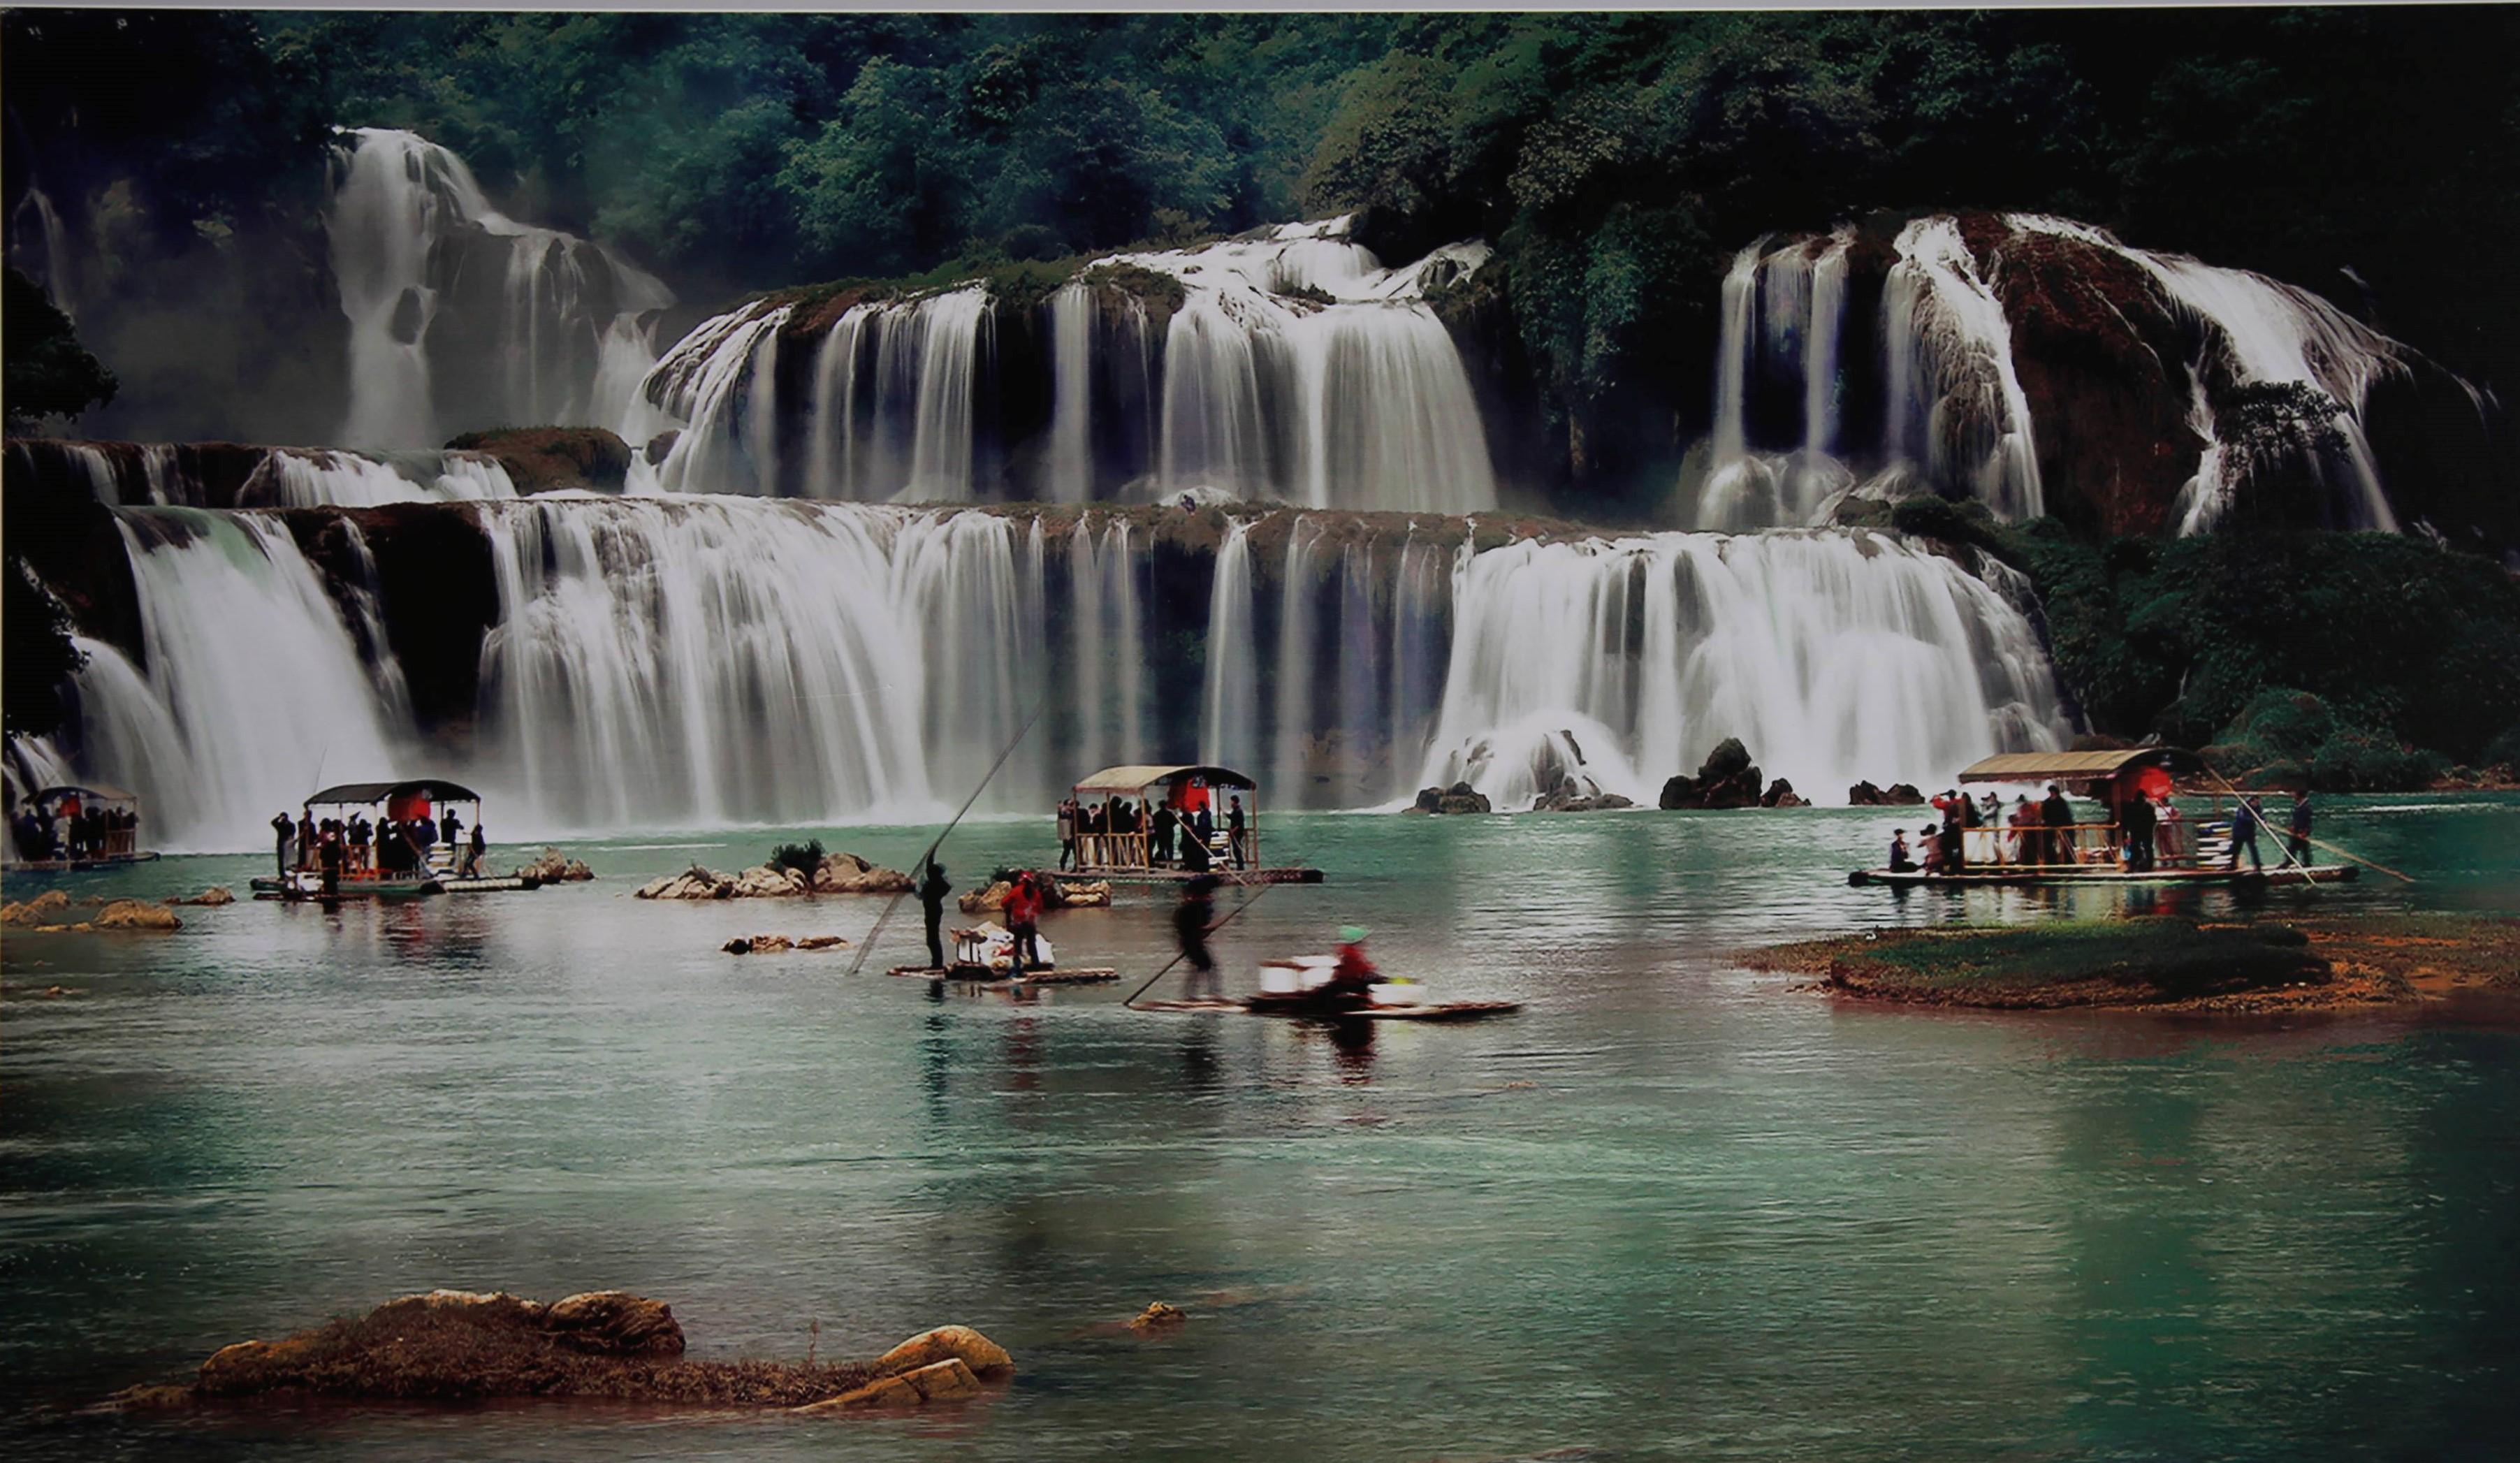 Giới thiệu du lịch Việt Nam tới bạn bè quốc tế dịp Hội nghị thượng đỉnh Mỹ-Triều